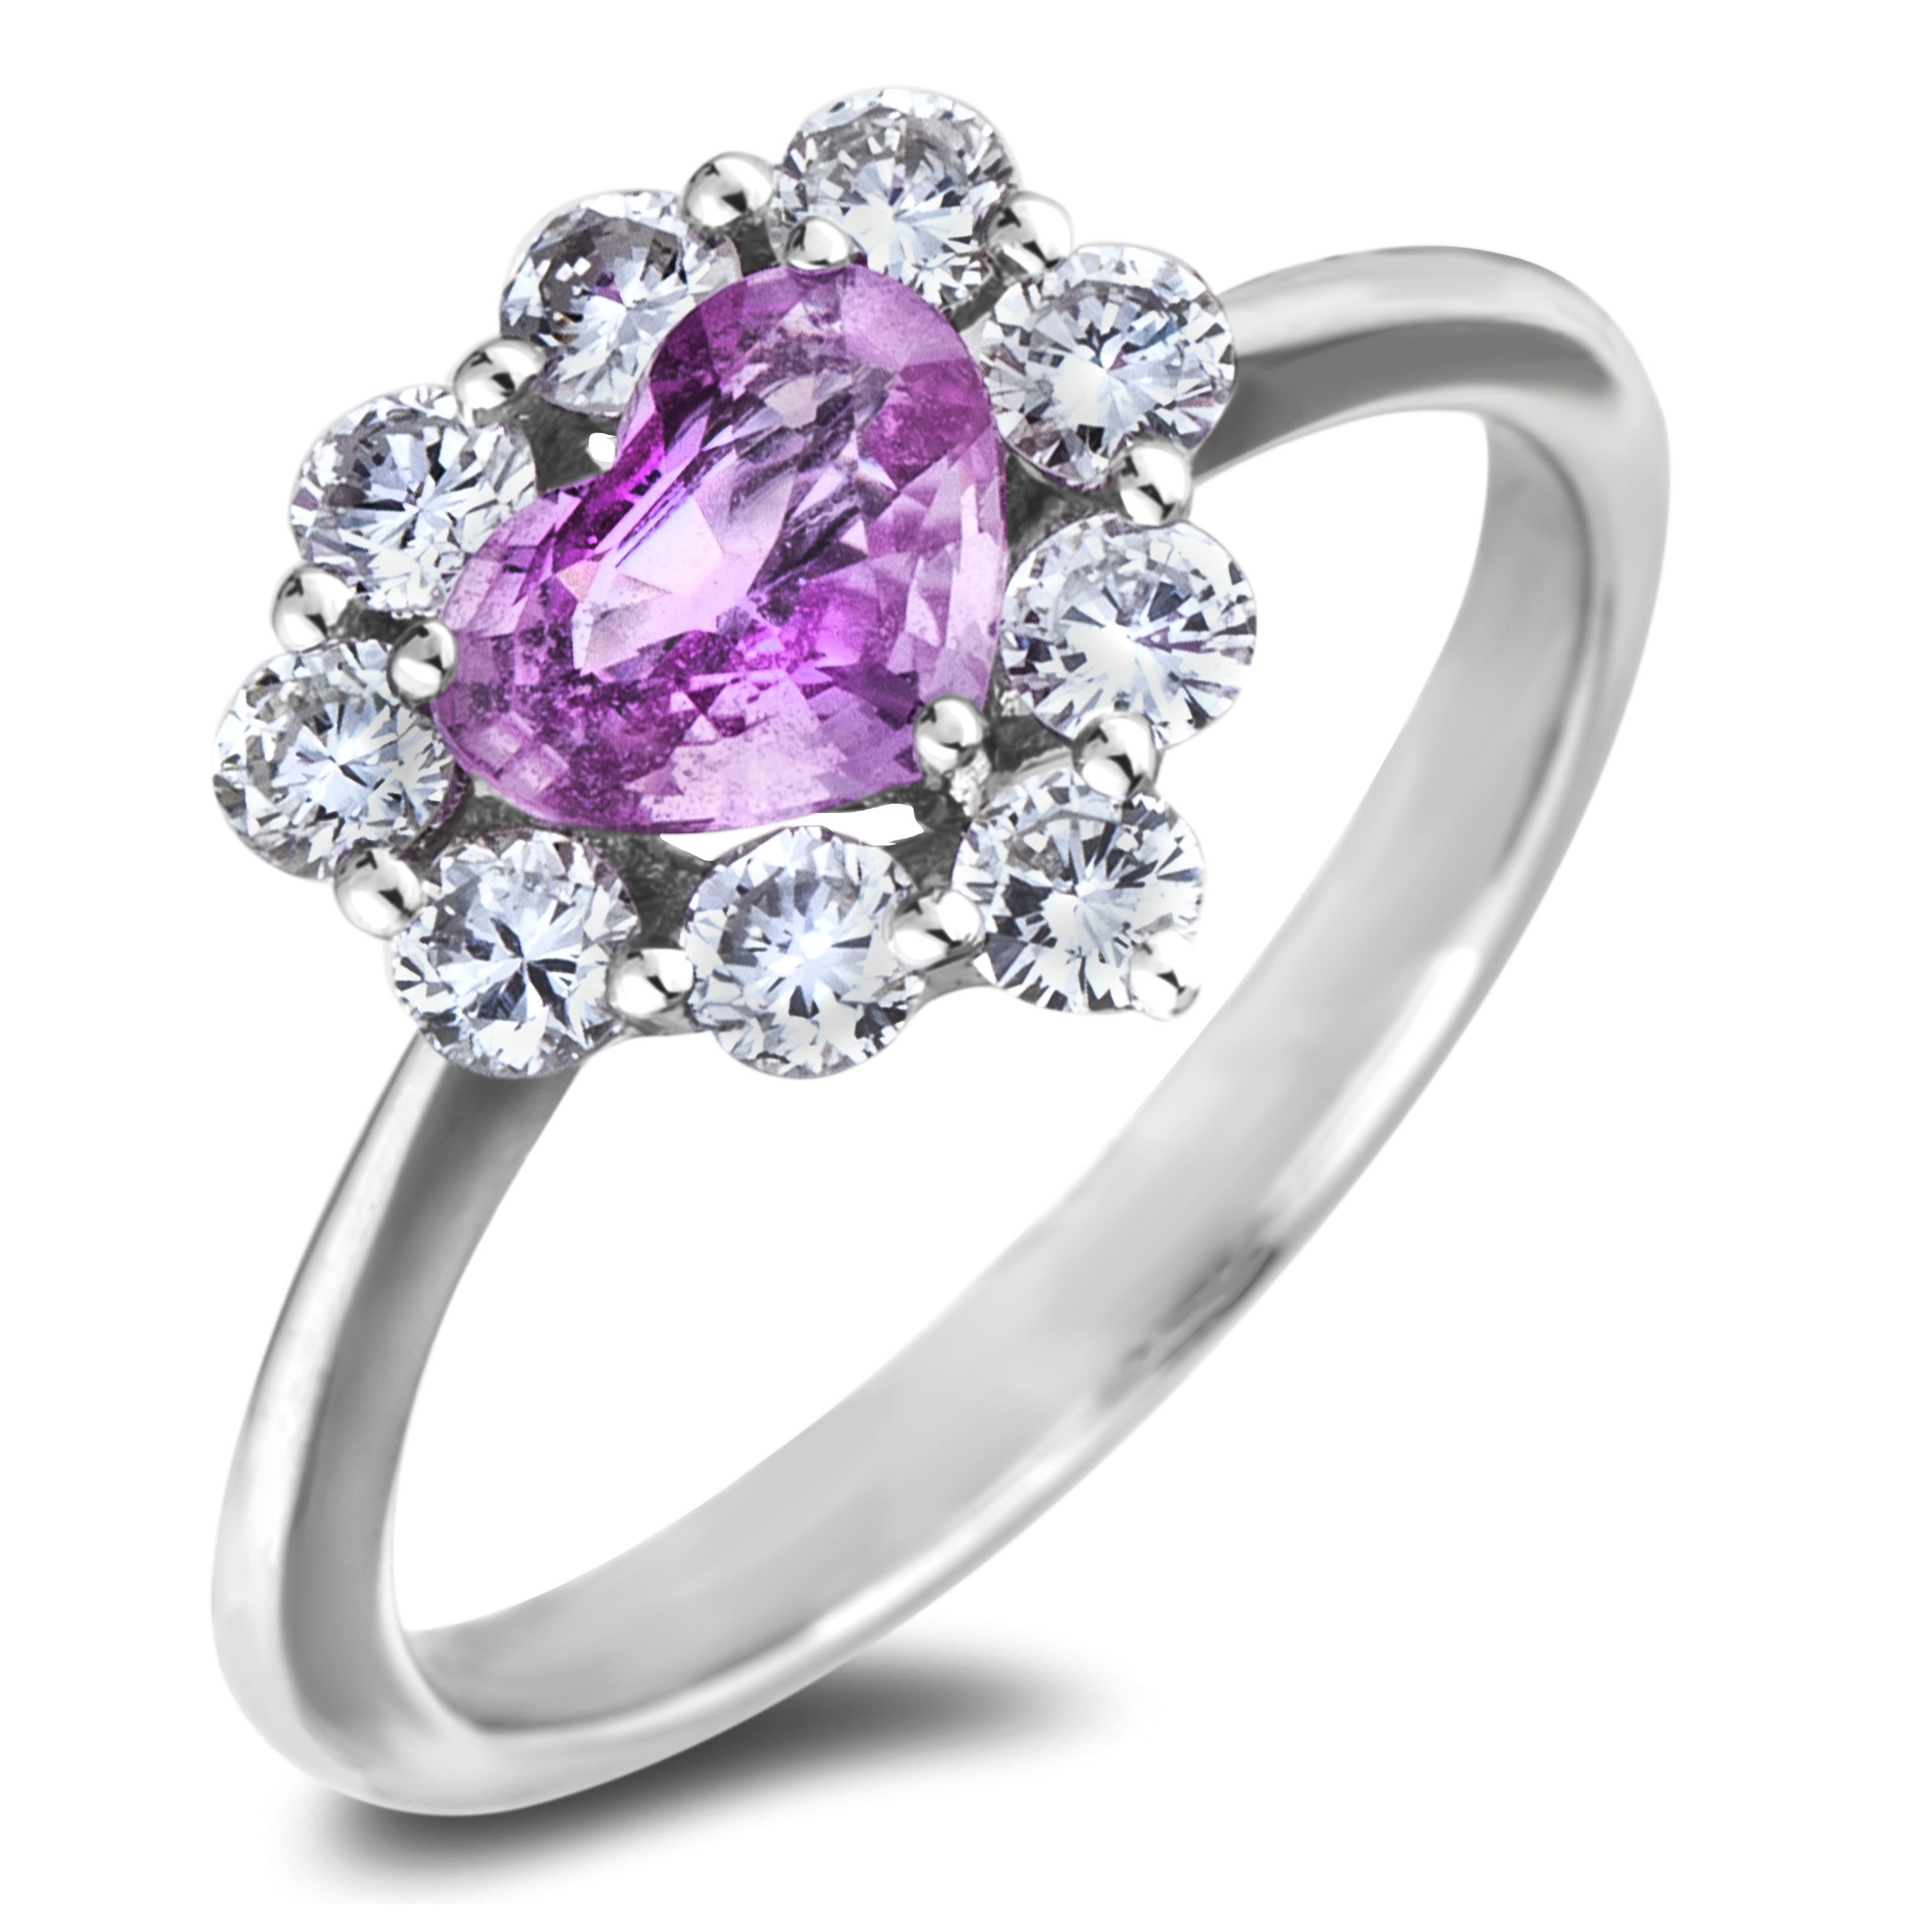 Diamond Engagement Rings CRL-PL-603536R03 (Rings)